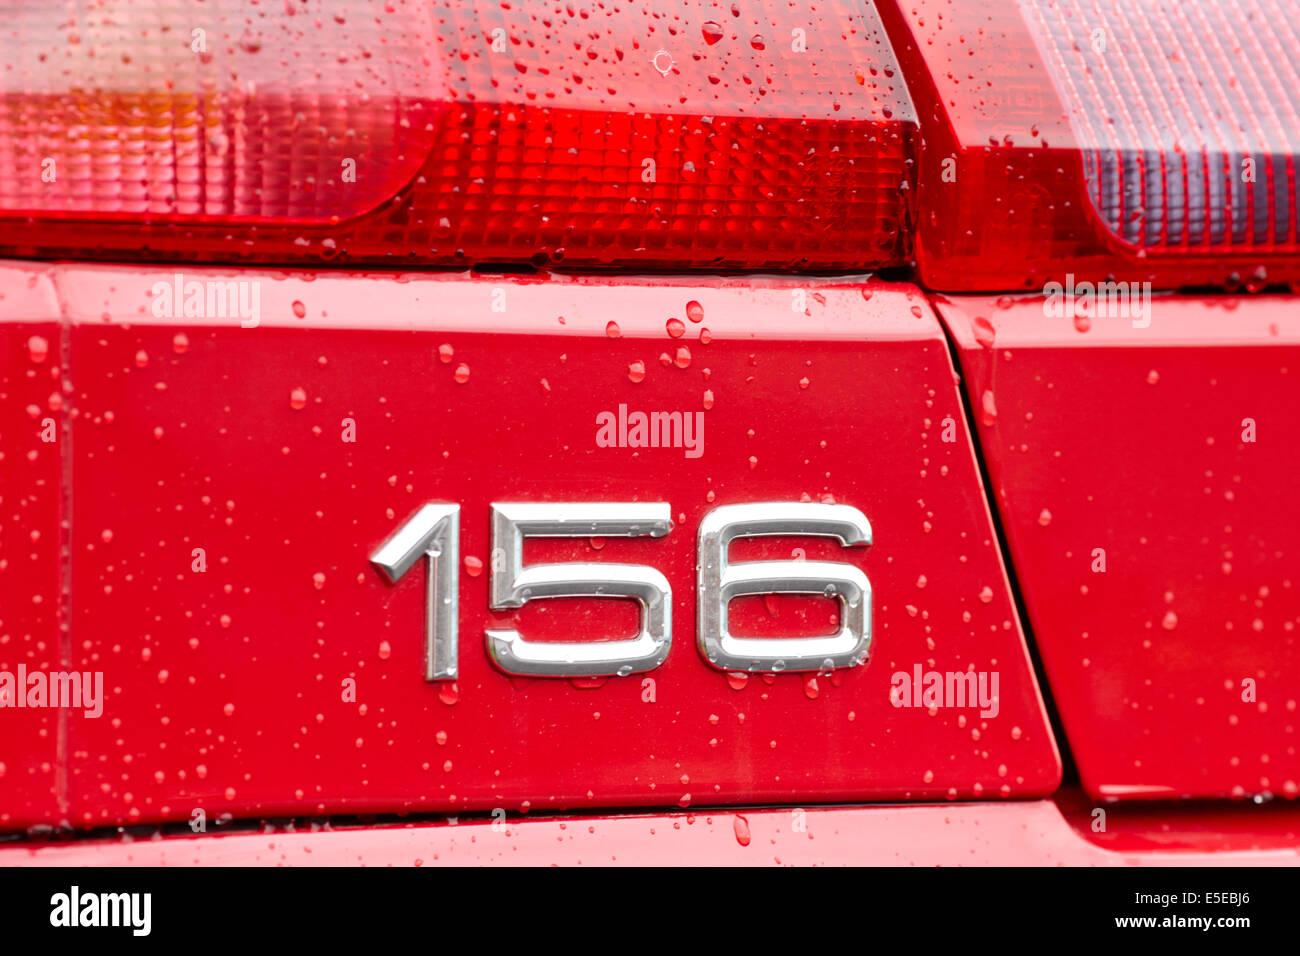 Alfa Romeo 156 logo beading with wax treatment - Stock Image